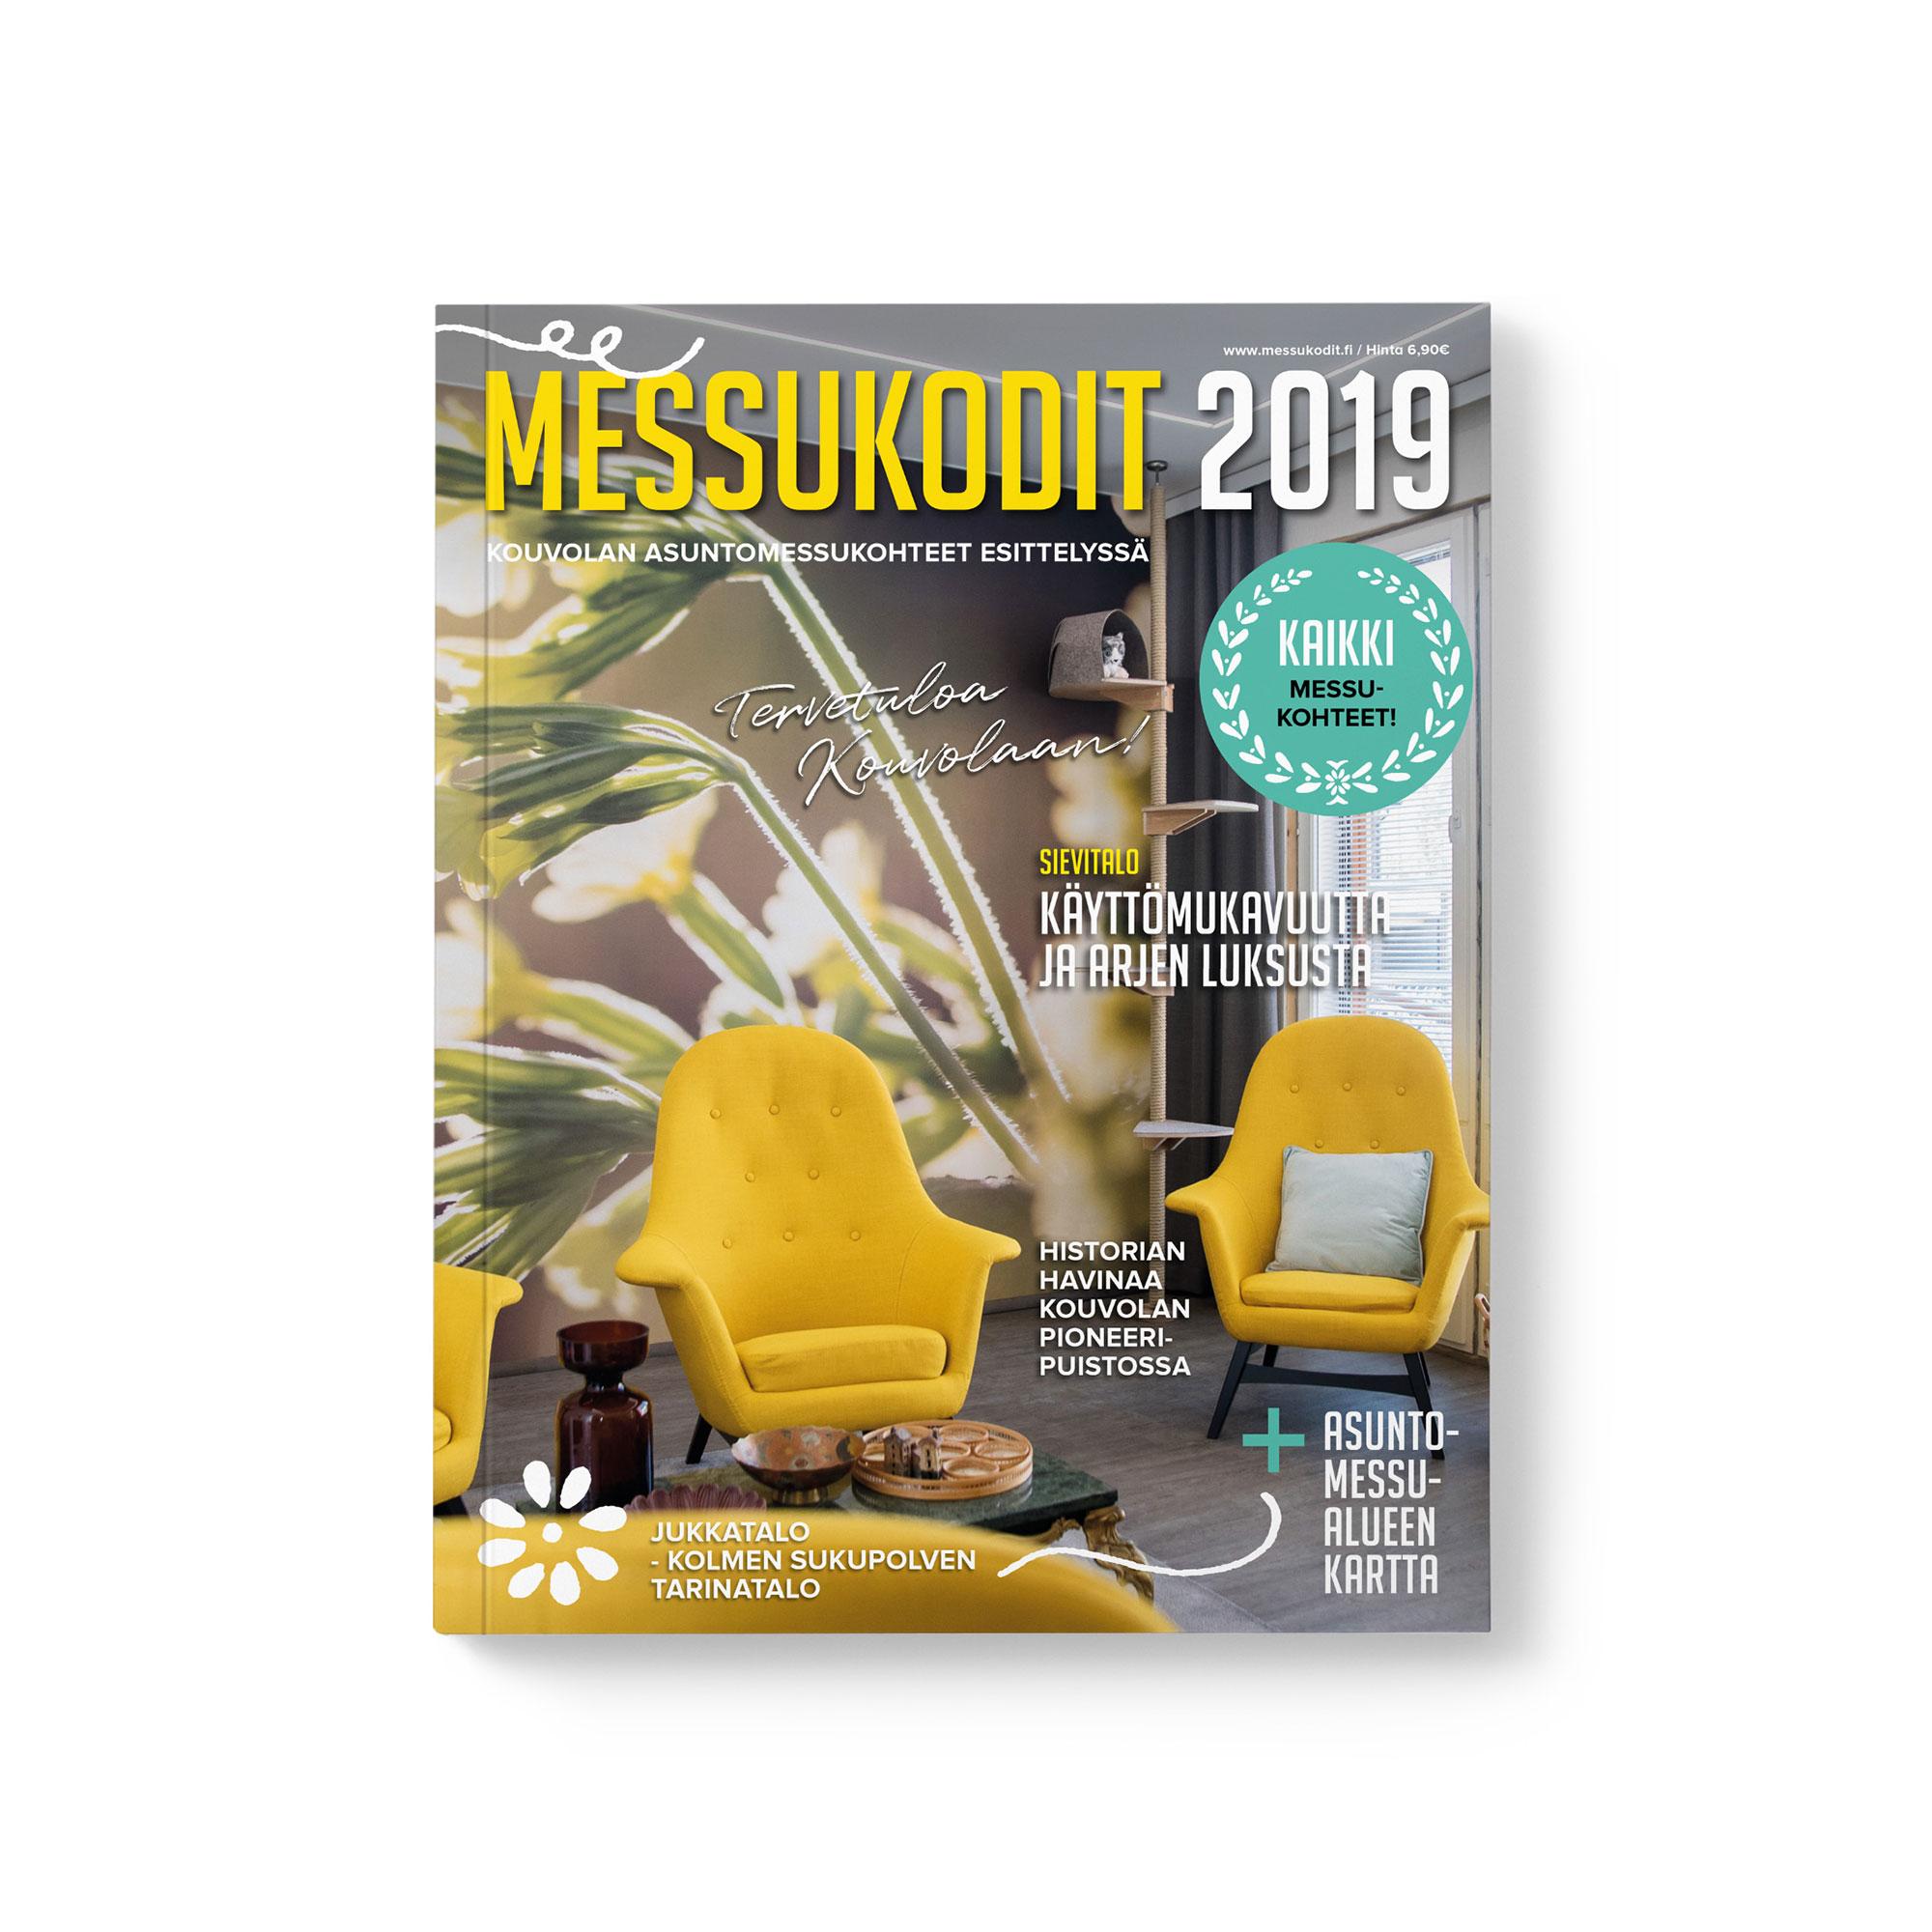 Messukodit 2019